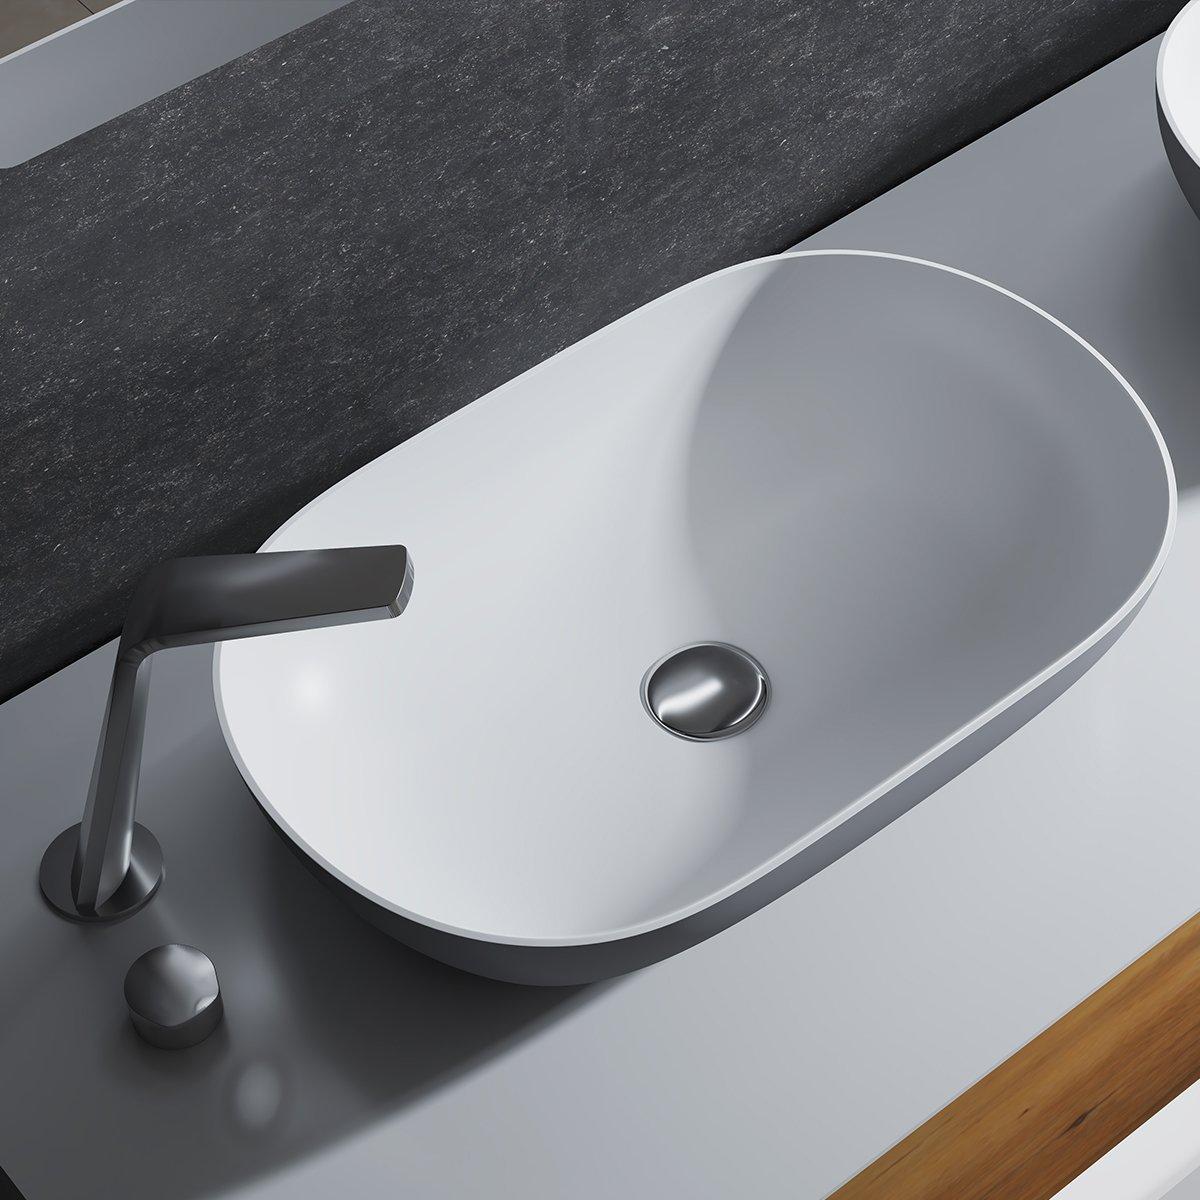 Aufsatzwaschbecken O-540 aus Mineralguss - Grau/Weiß - 54 x 34 x 12 cm zoom thumbnail 4